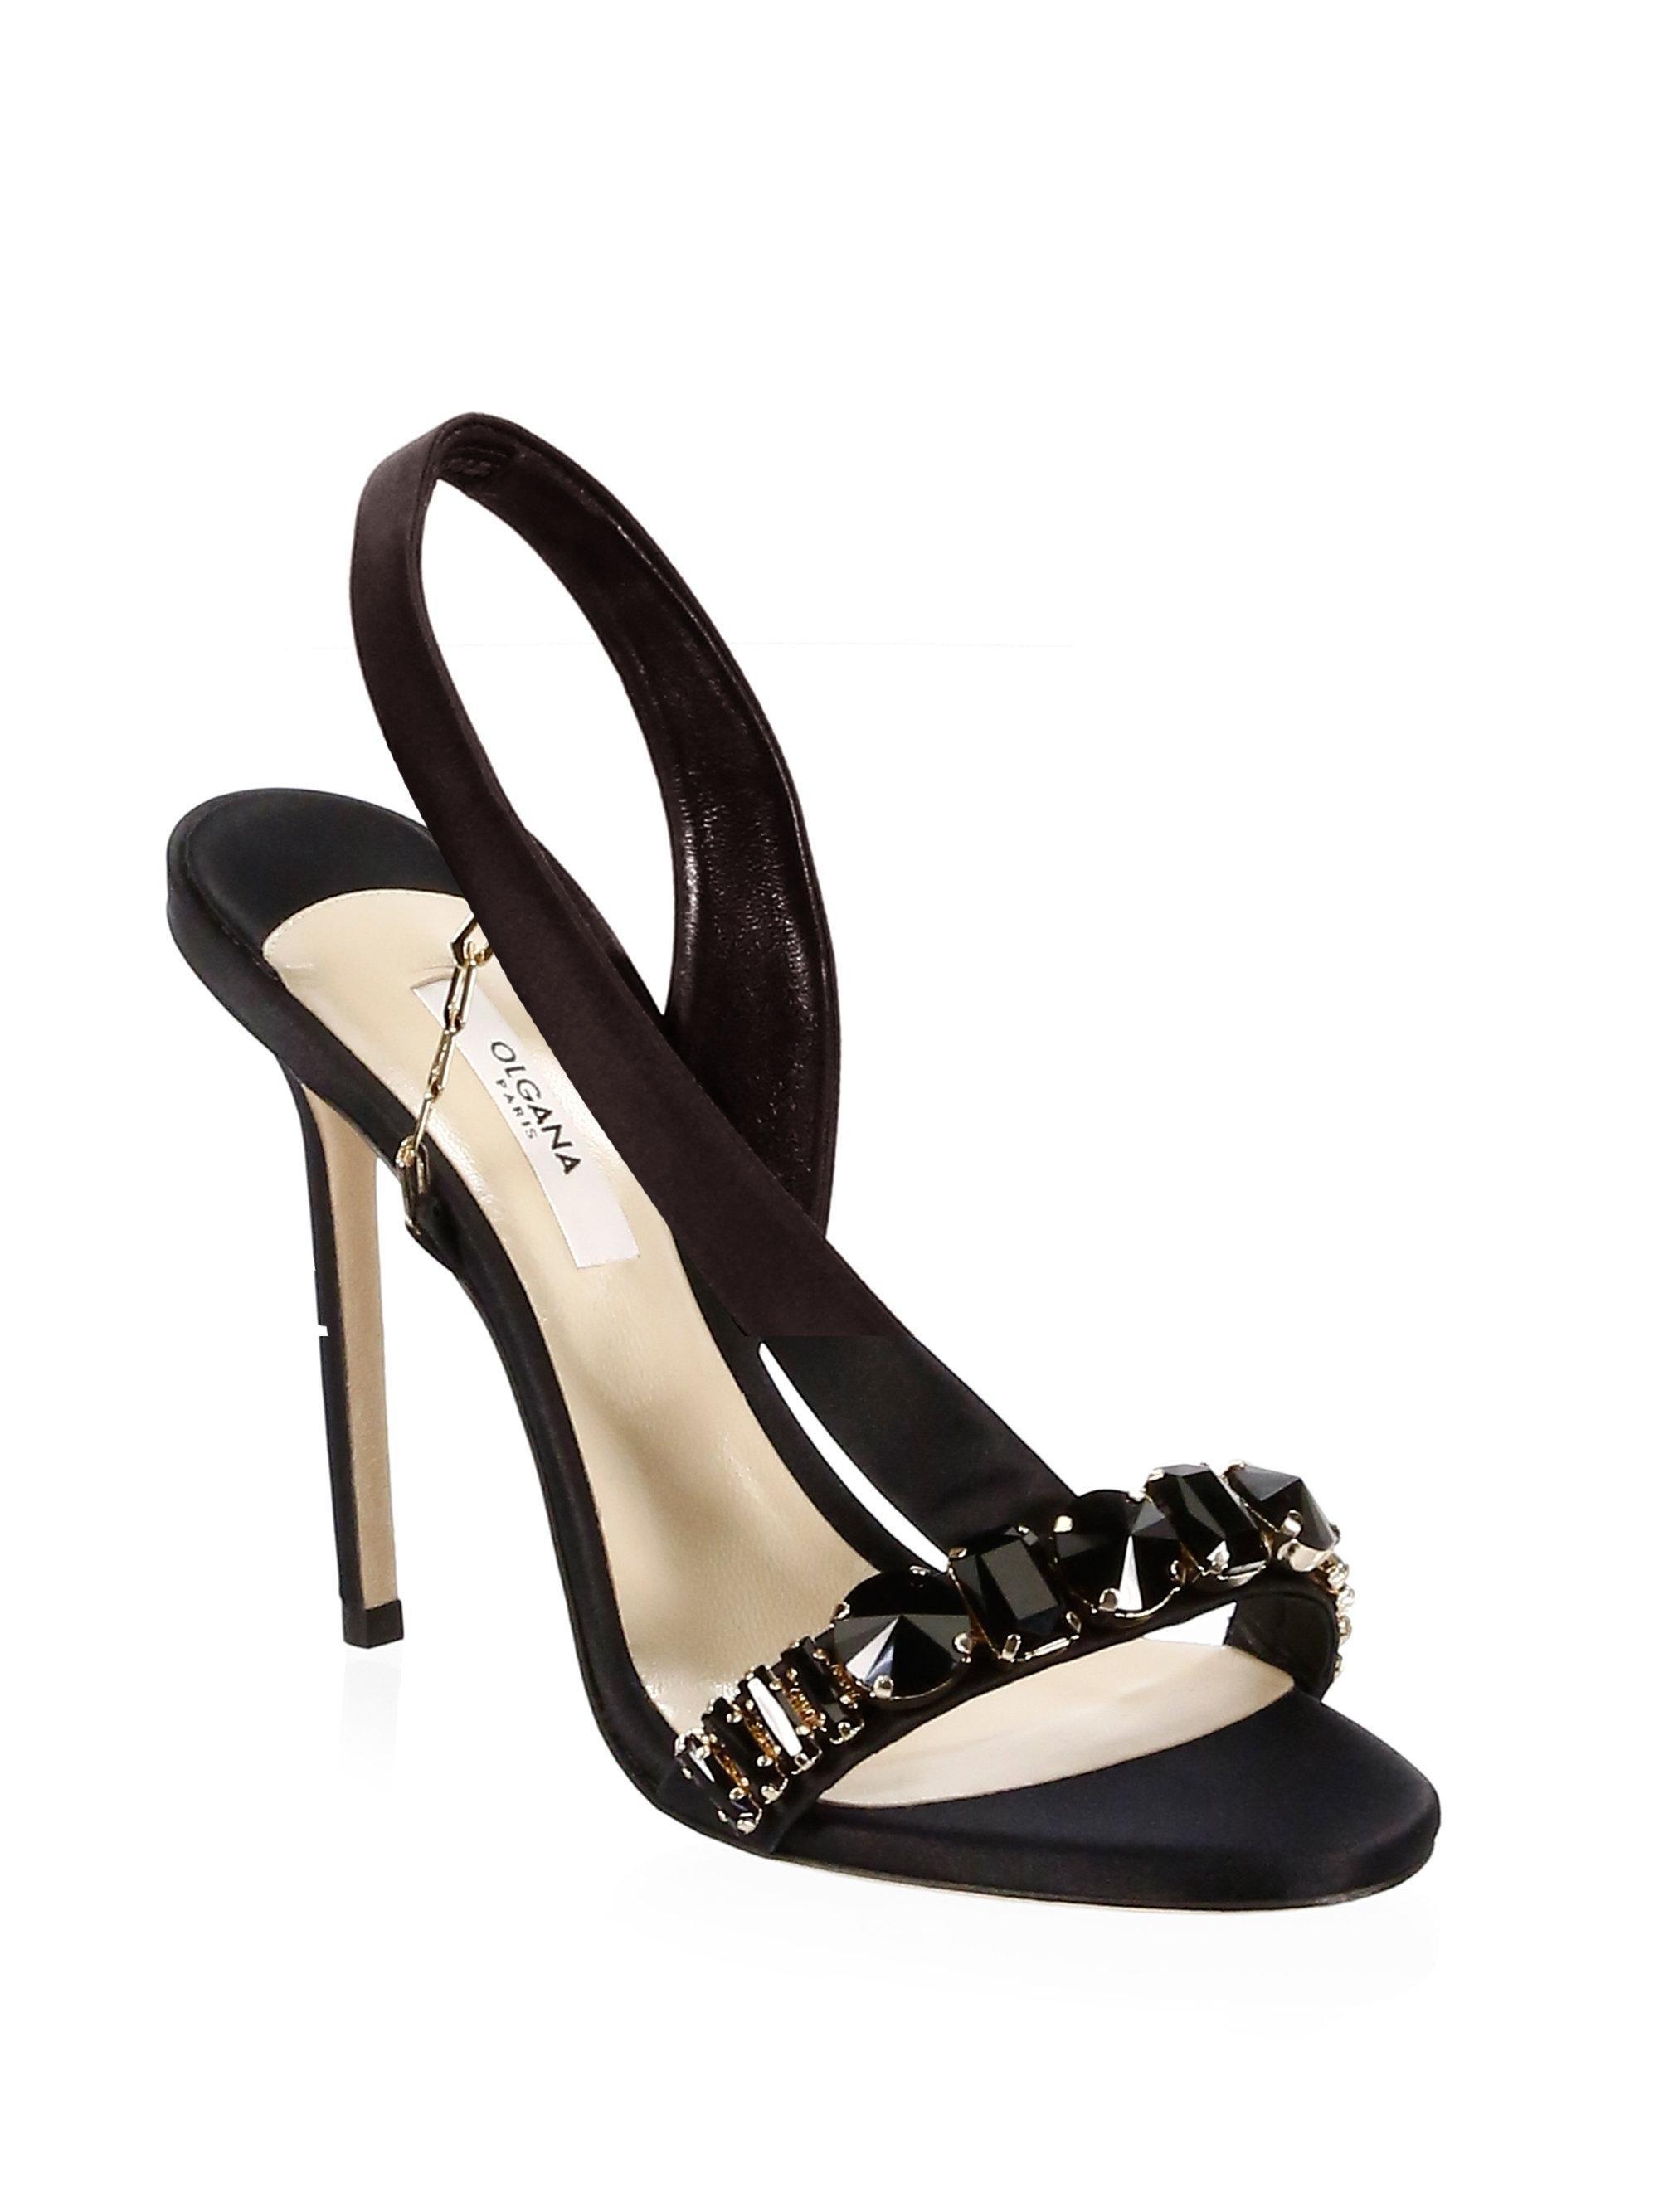 4d2f314b2 Lyst - Olgana Paris Jeweled Satin Pumps in Black